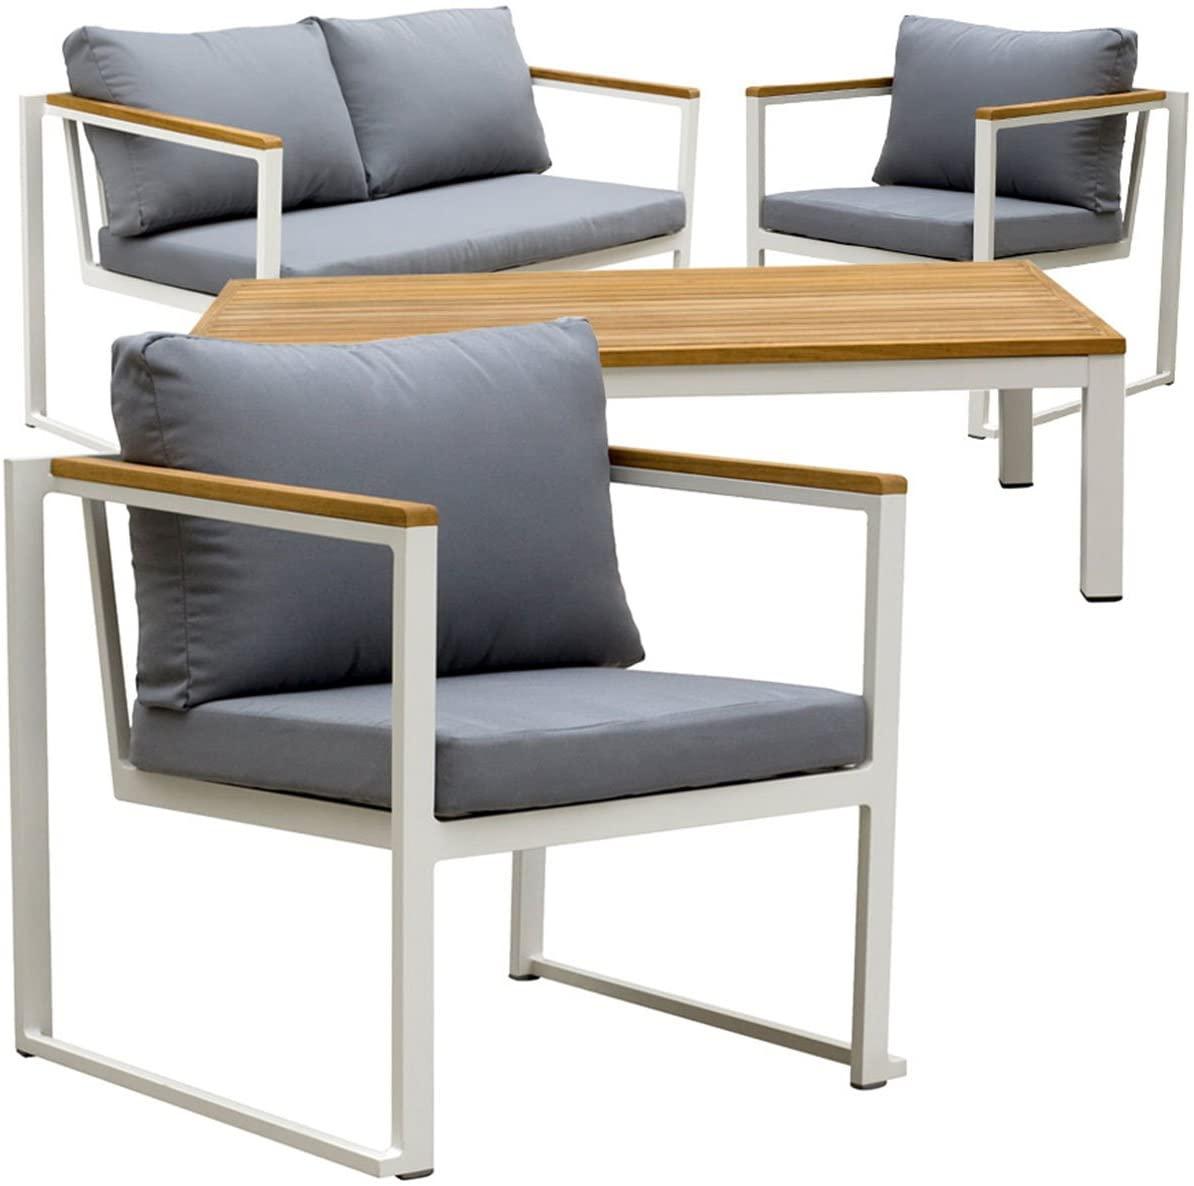 Full Size of Outliv Odense Exklusive Gartenmbel La Palma Designlounge Metall Holz 4 Wohnzimmer Outliv Odense